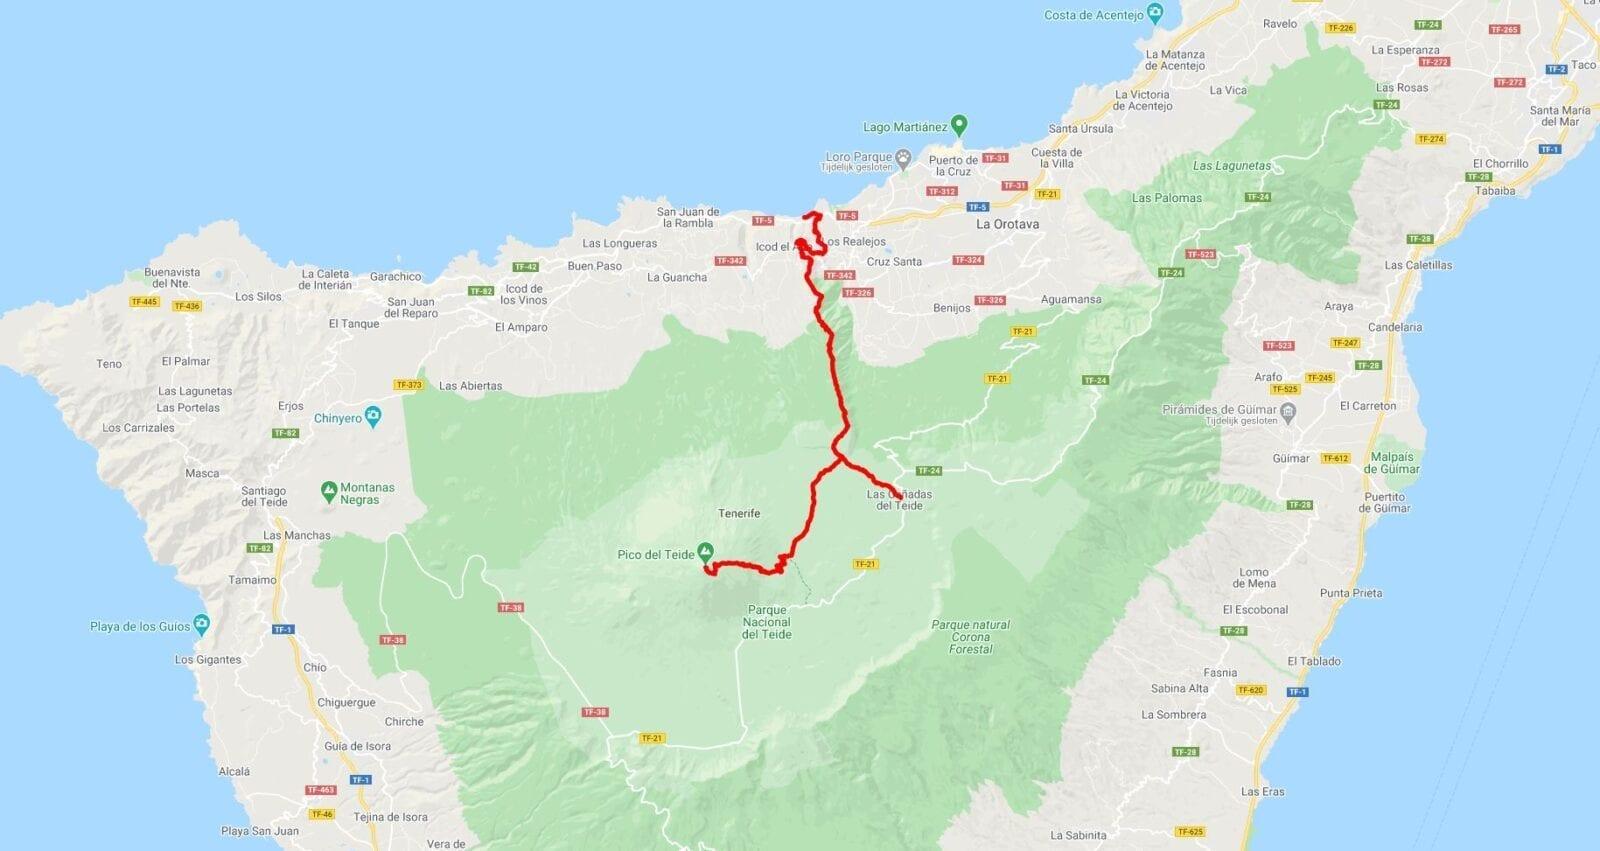 Route van de zware hike in Spanje op Tenerife